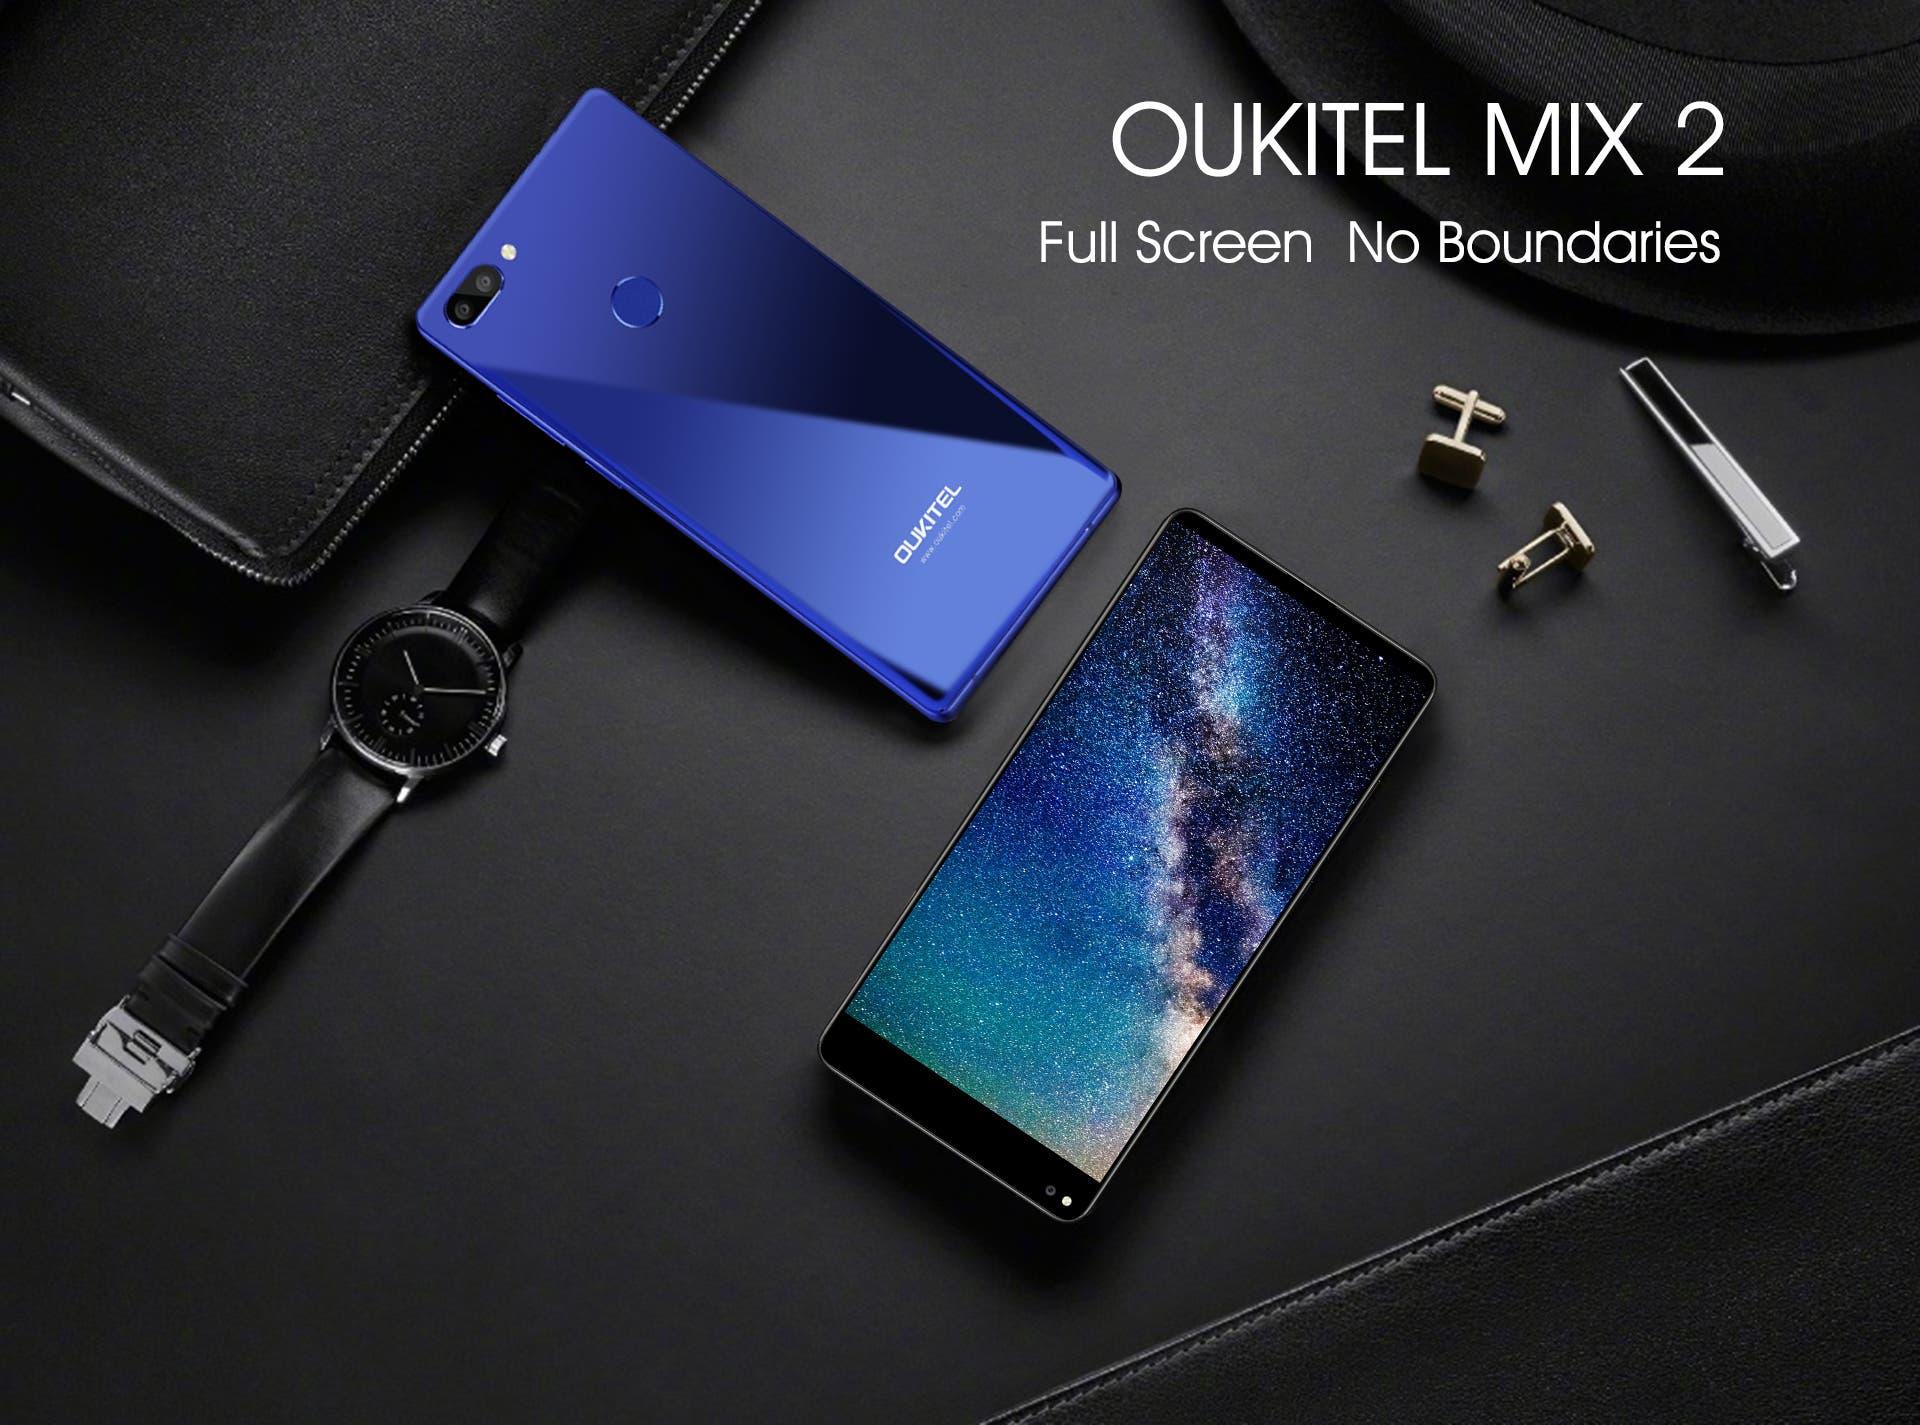 Consigue el Oukitel Mix 2 con un gran descuento con este sencillo truco